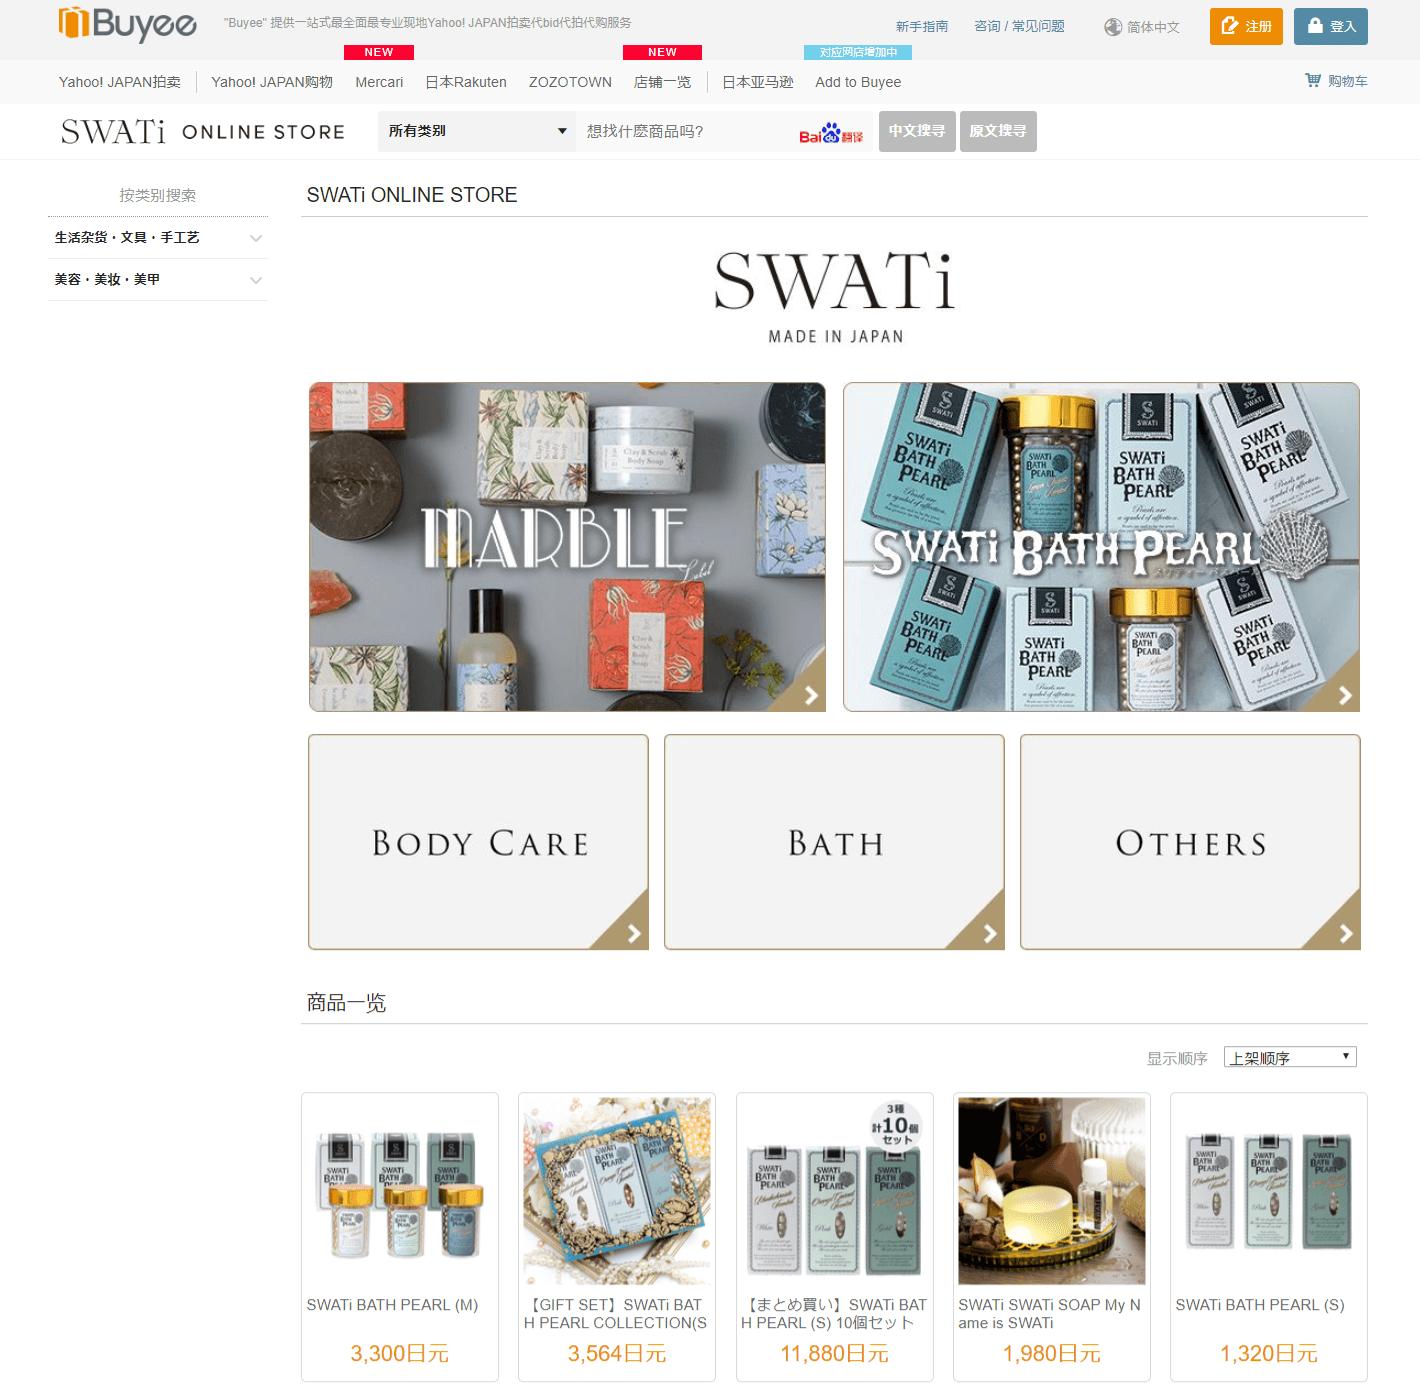 swati-fragrance-%e3%82%b9%e3%83%af%e3%83%86%e3%82%a3%e3%83%bc-%e3%83%95%e3%83%ac%e3%82%b0%e3%83%a9%e3%83%b3%e3%82%b9-%e9%a6%99%e5%91%b3